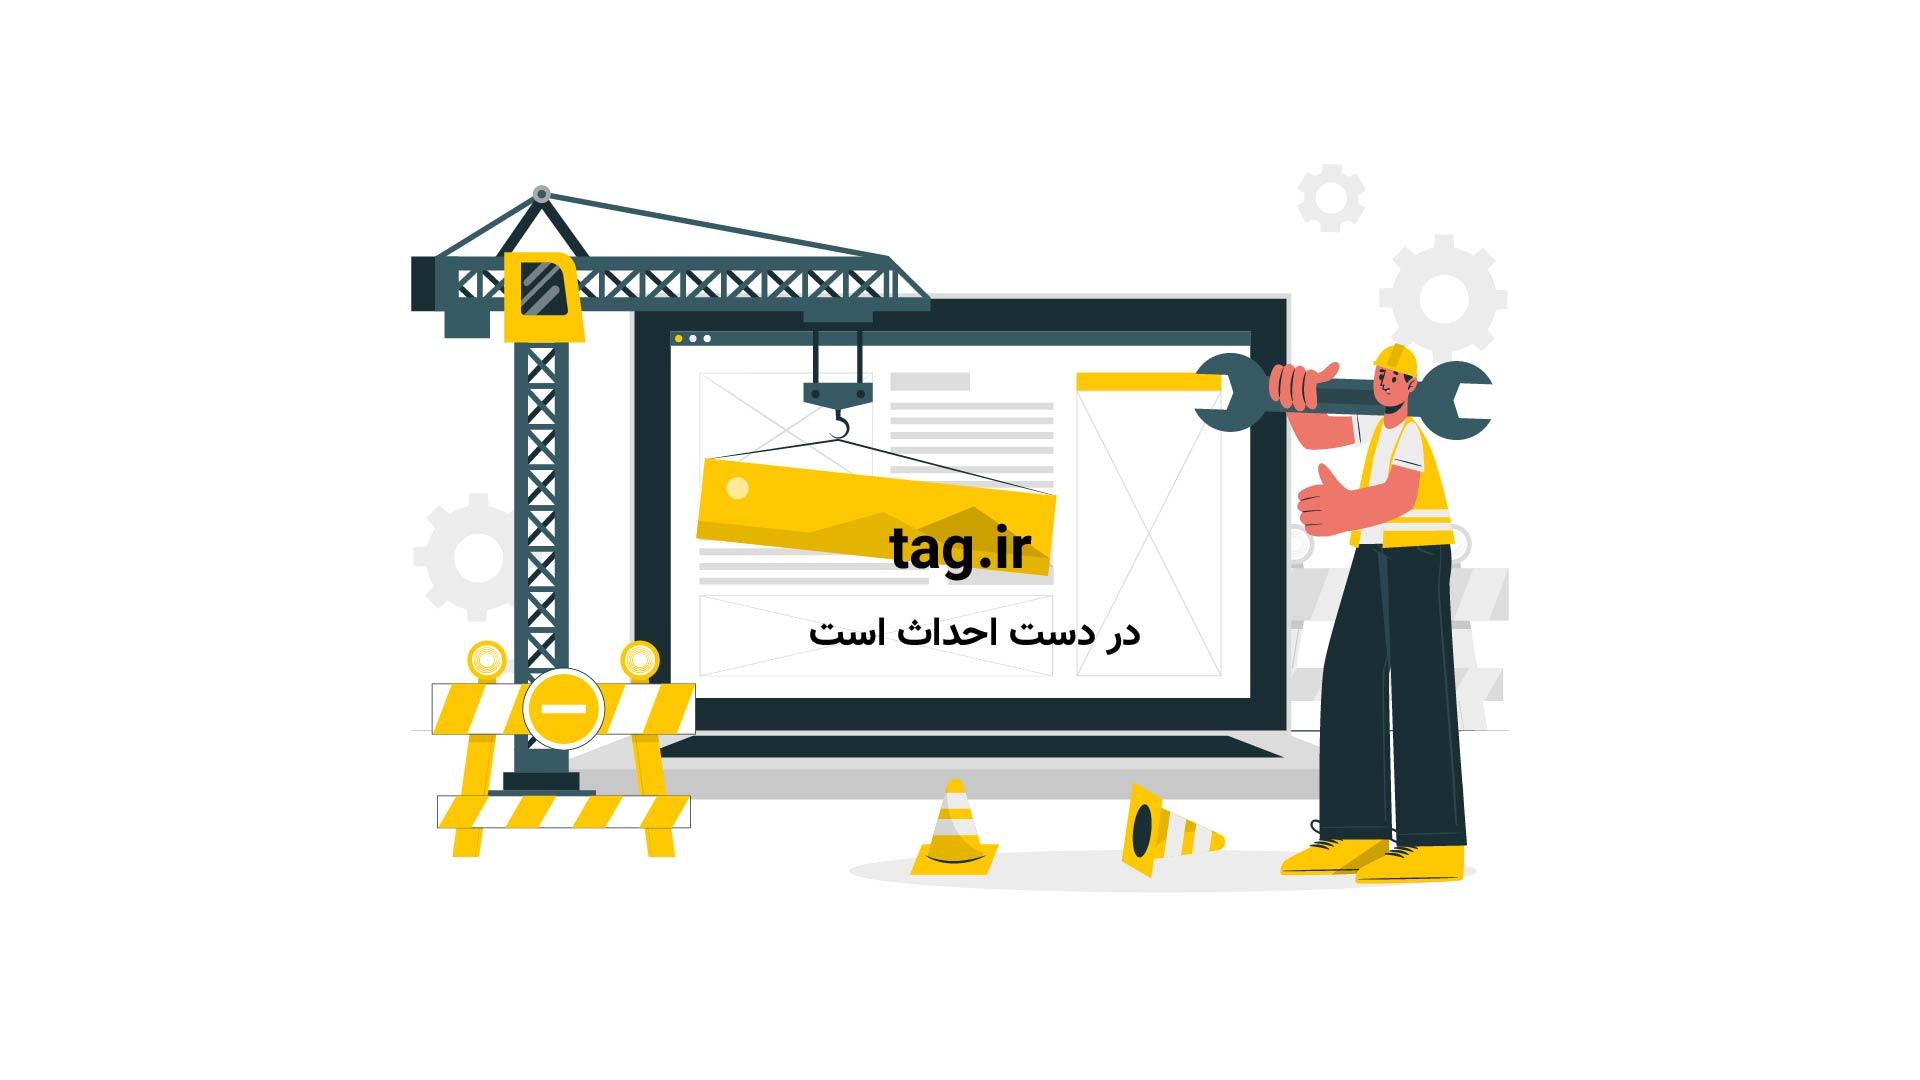 صحبت های جنجالی مهدی مهدوی کیا درباره مشکلات فوتبال | فیلم